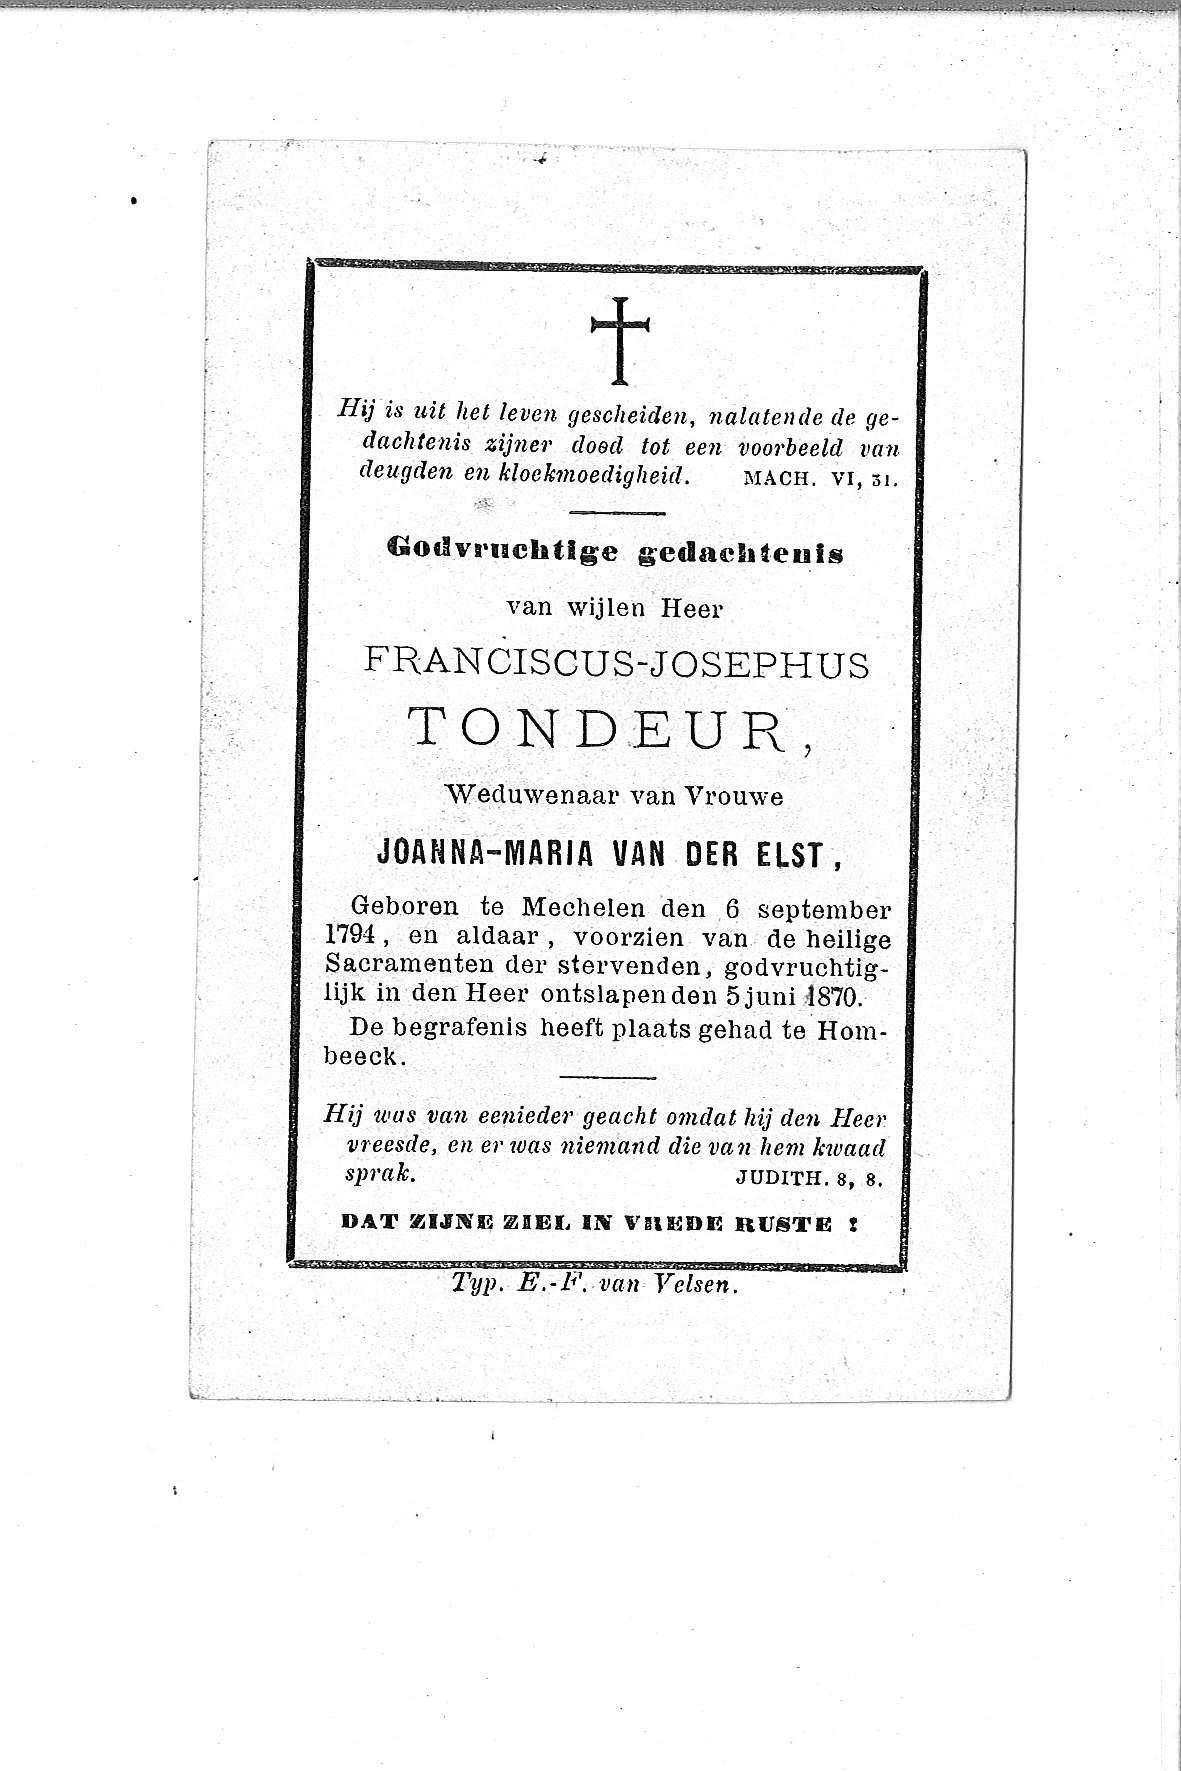 Franciscus-Josephus(1870)20120621134457_00103.jpg